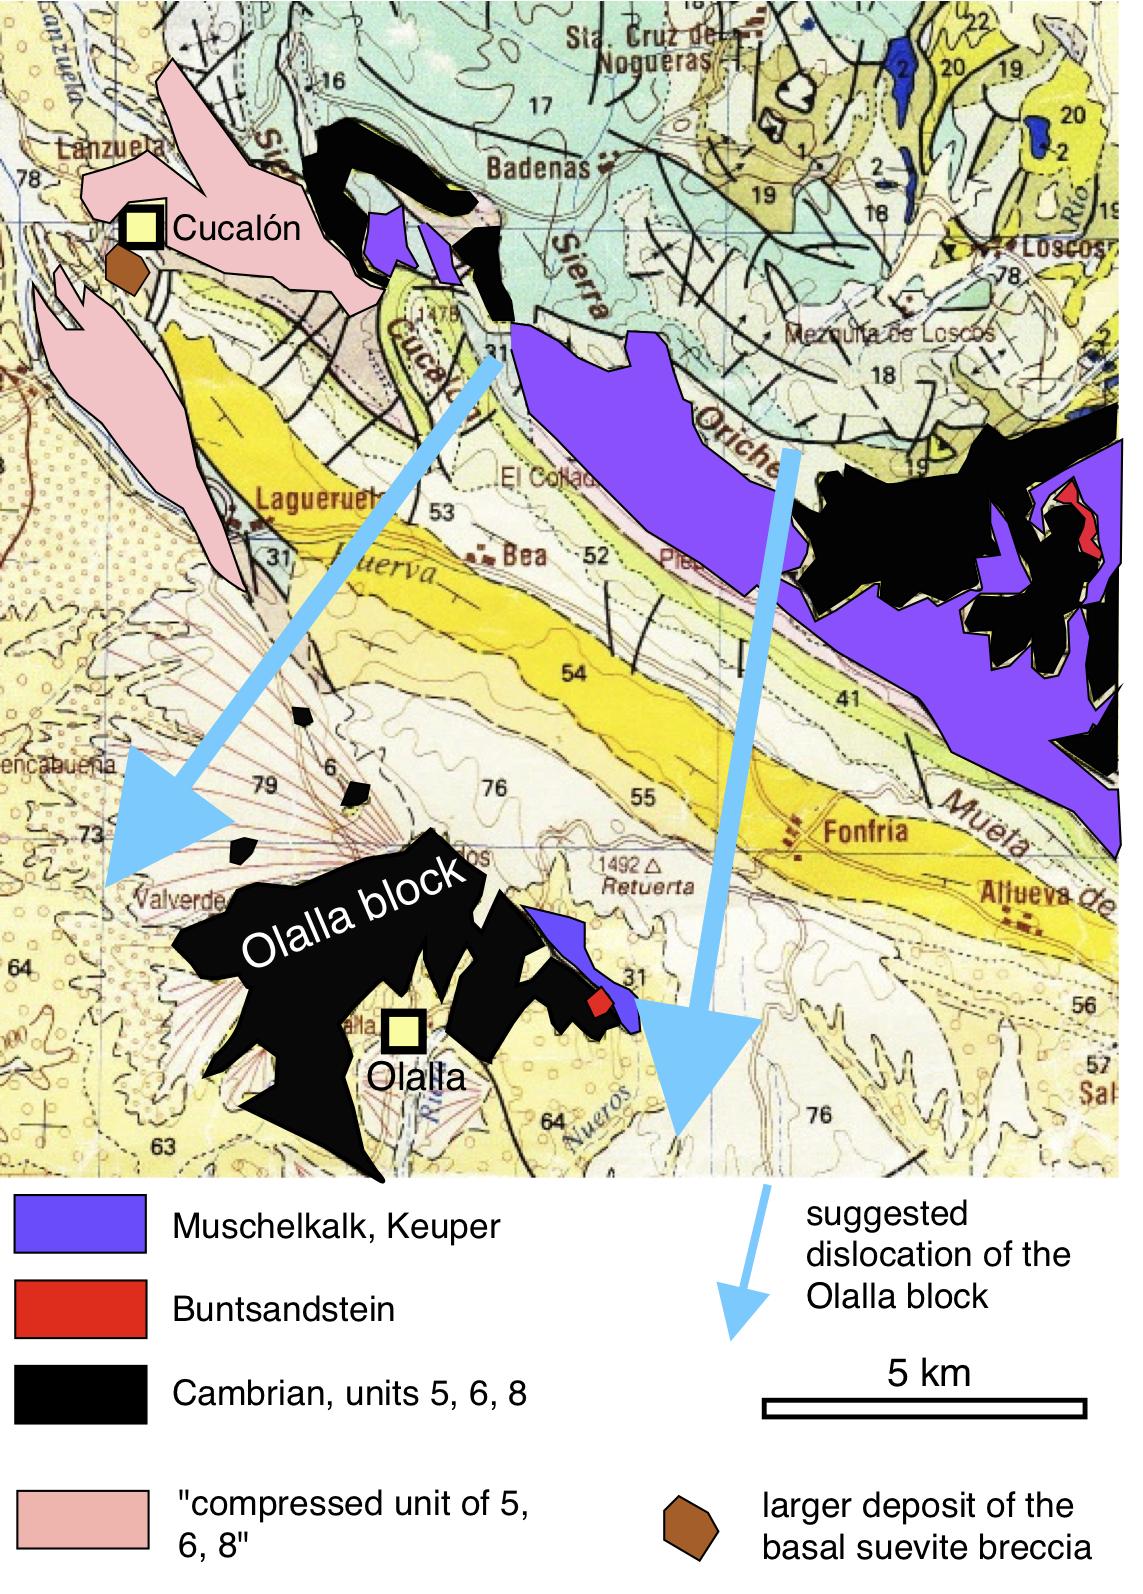 geologische Karte zum Modell der Verfrachtung des Olalla-Blocks